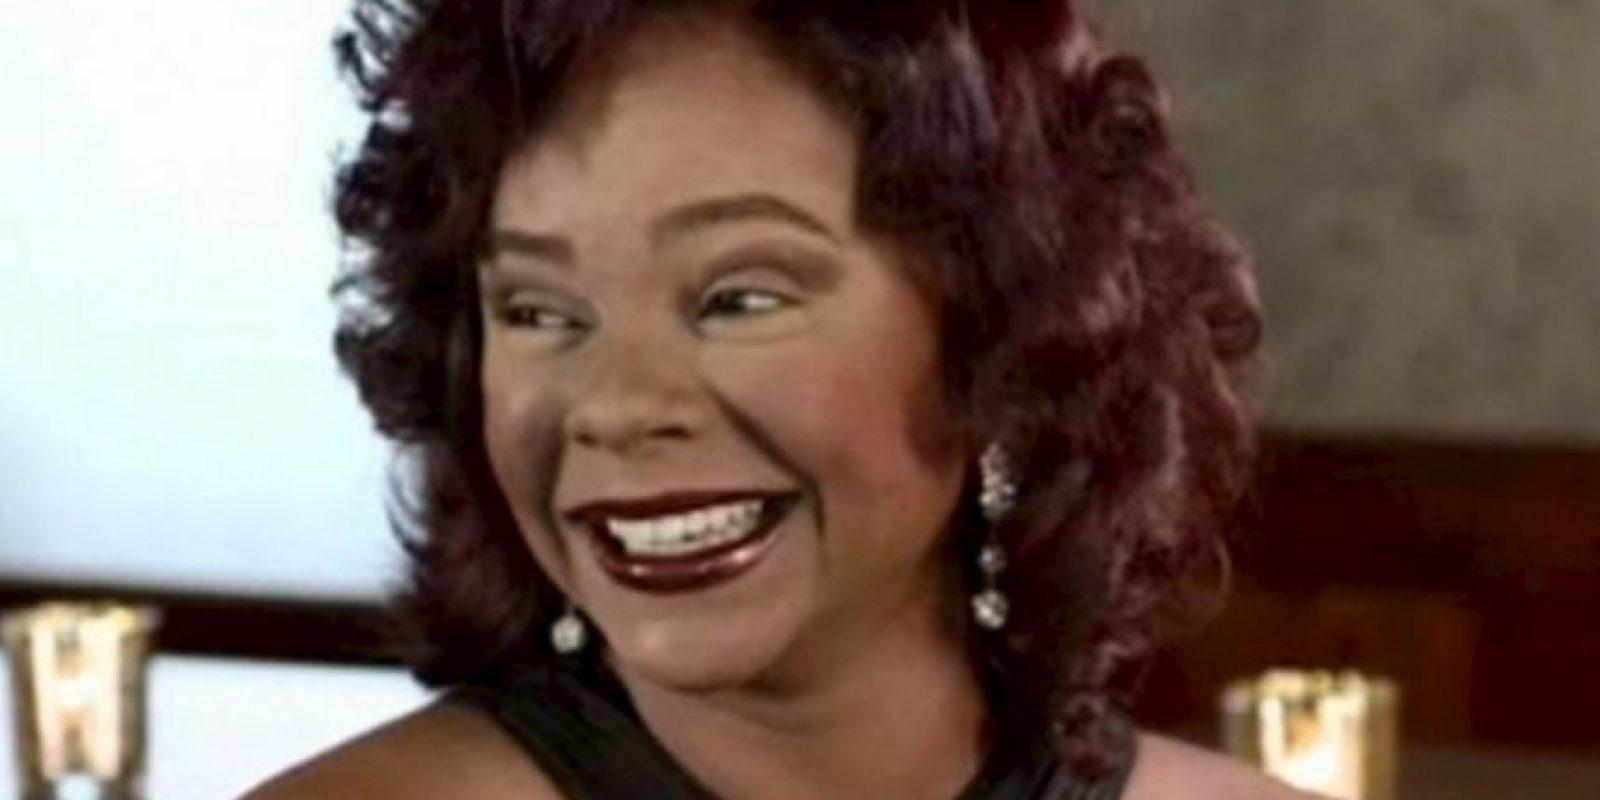 Voorhies ha dado algunas entrevistas y se ha presentado en algunos otros eventos, sin embargo su carrera como actriz llegó a su fin hace algunos años. Foto:vía youtube.com/Jameson Bedonie